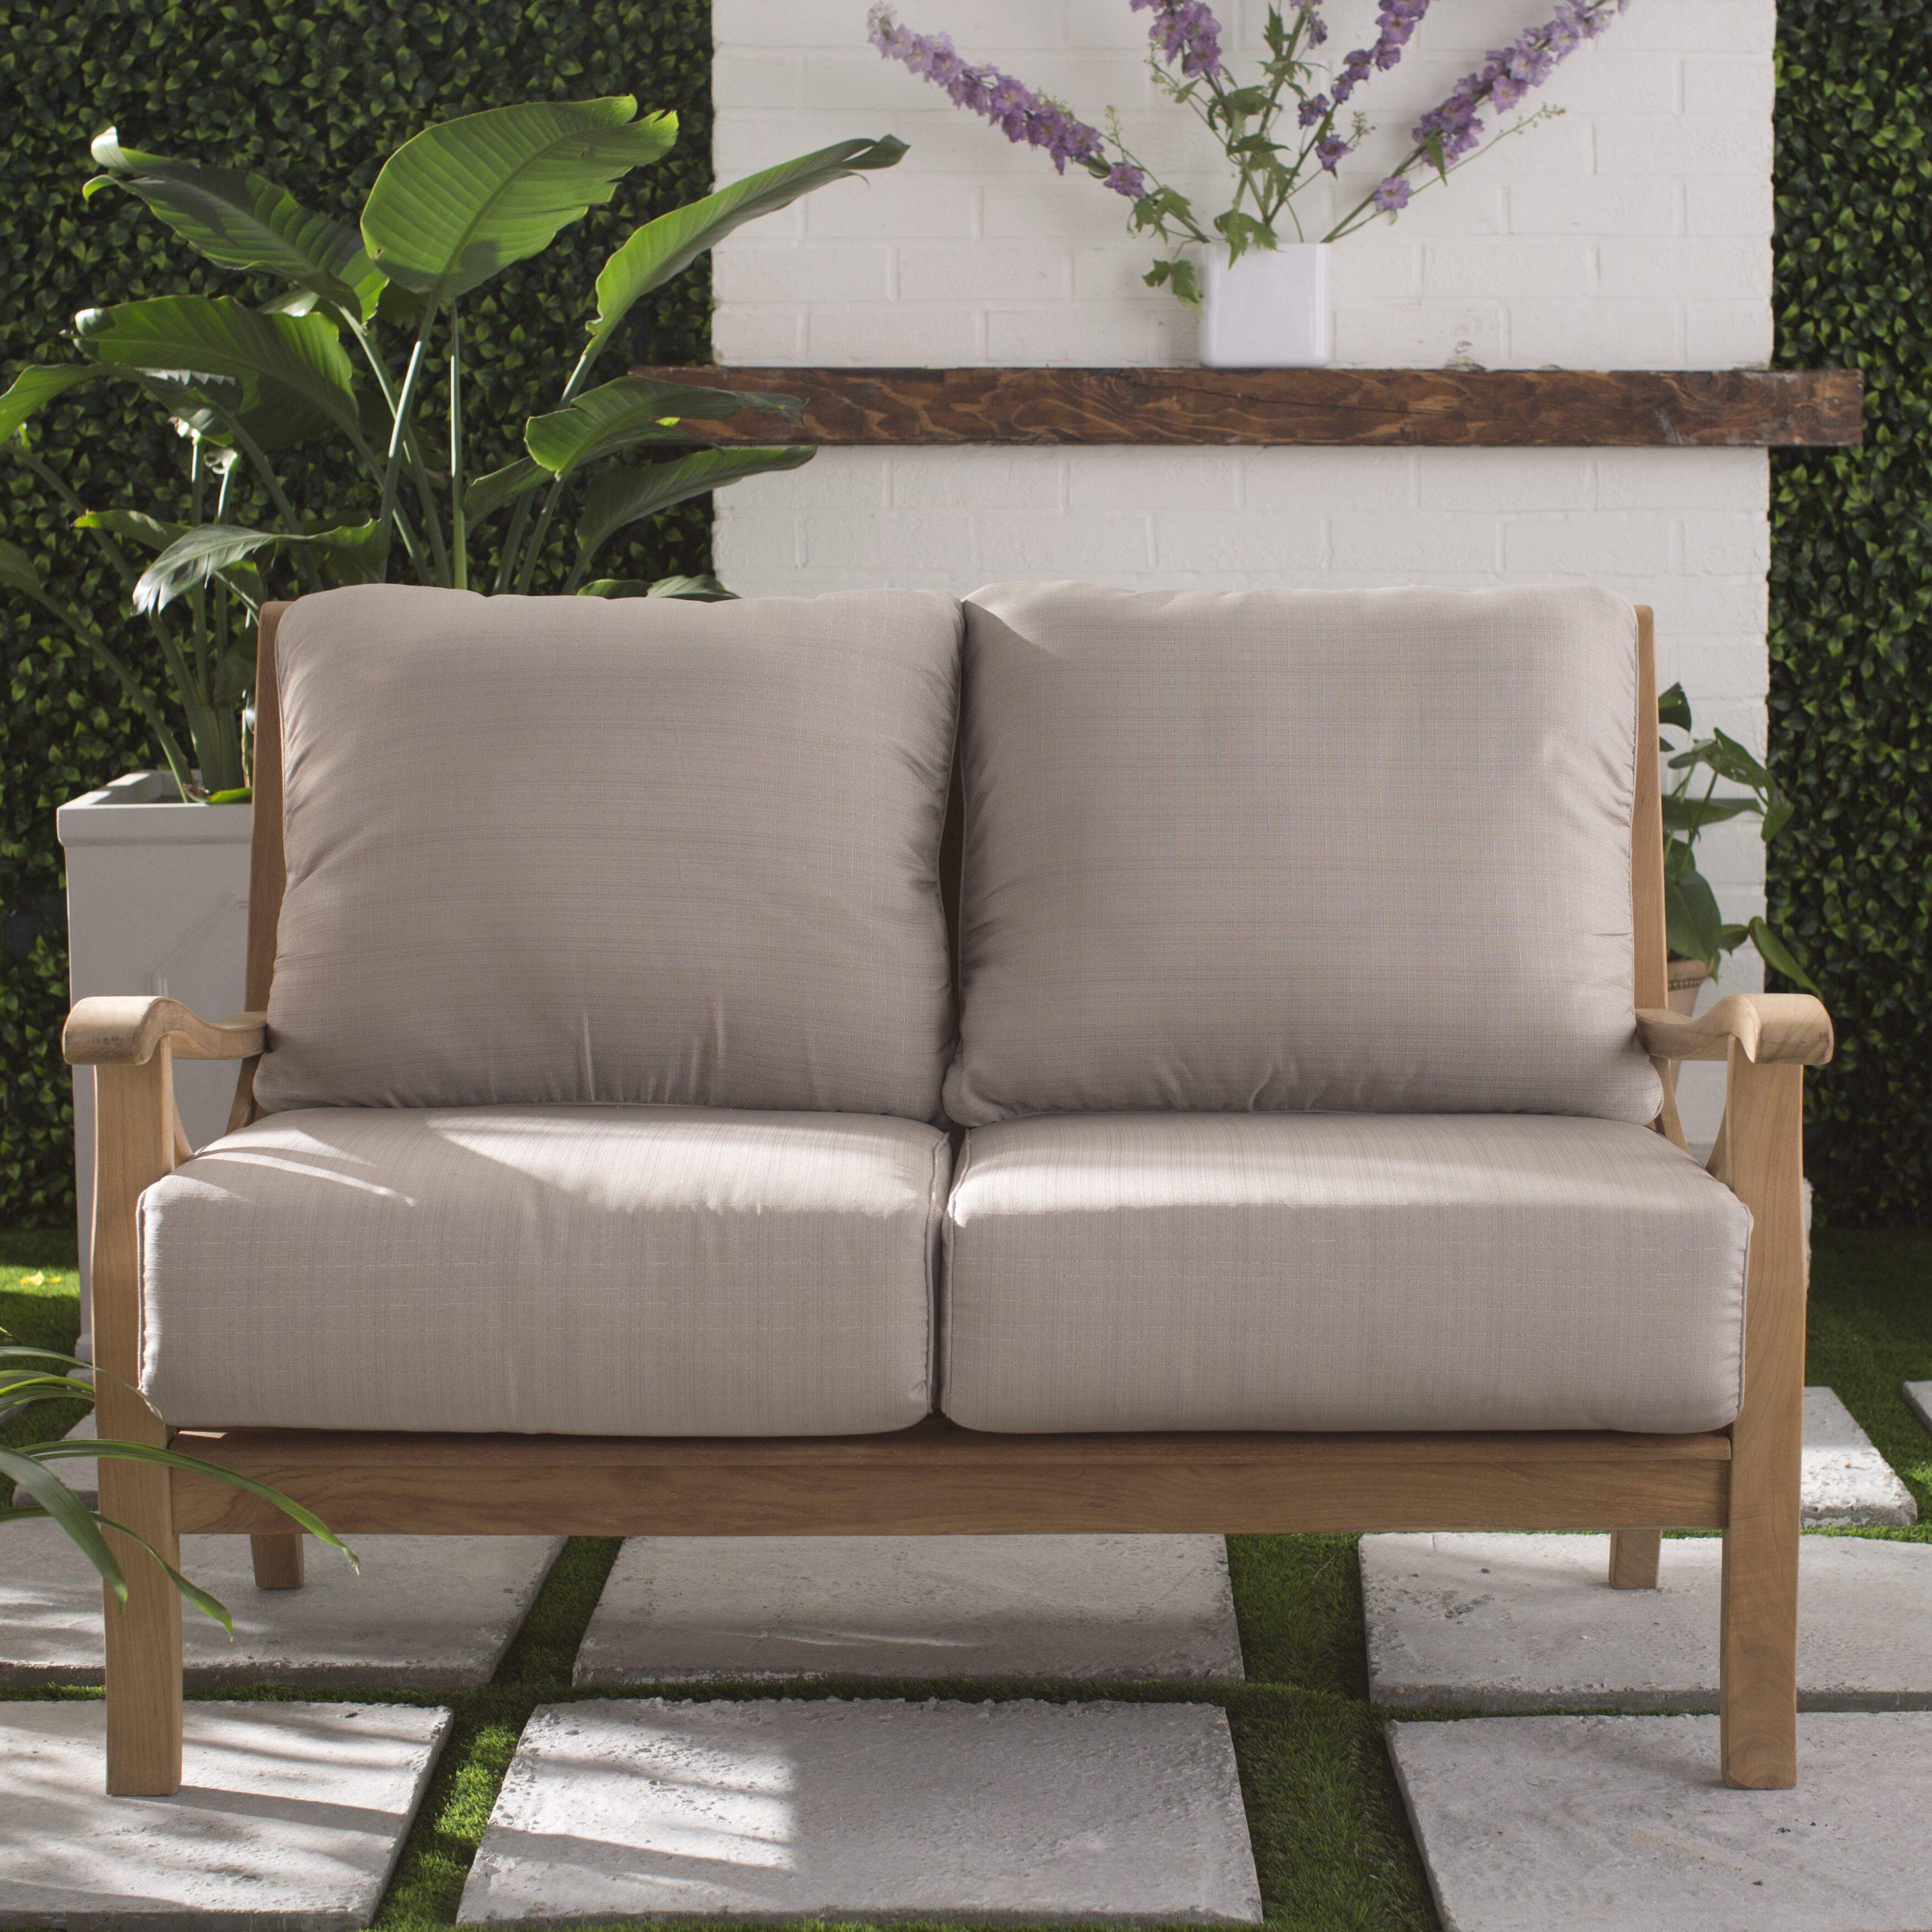 Favorite Brunswick Teak Patio Sofas With Cushions Inside Brunswick Teak Loveseat With Cushions (View 13 of 25)